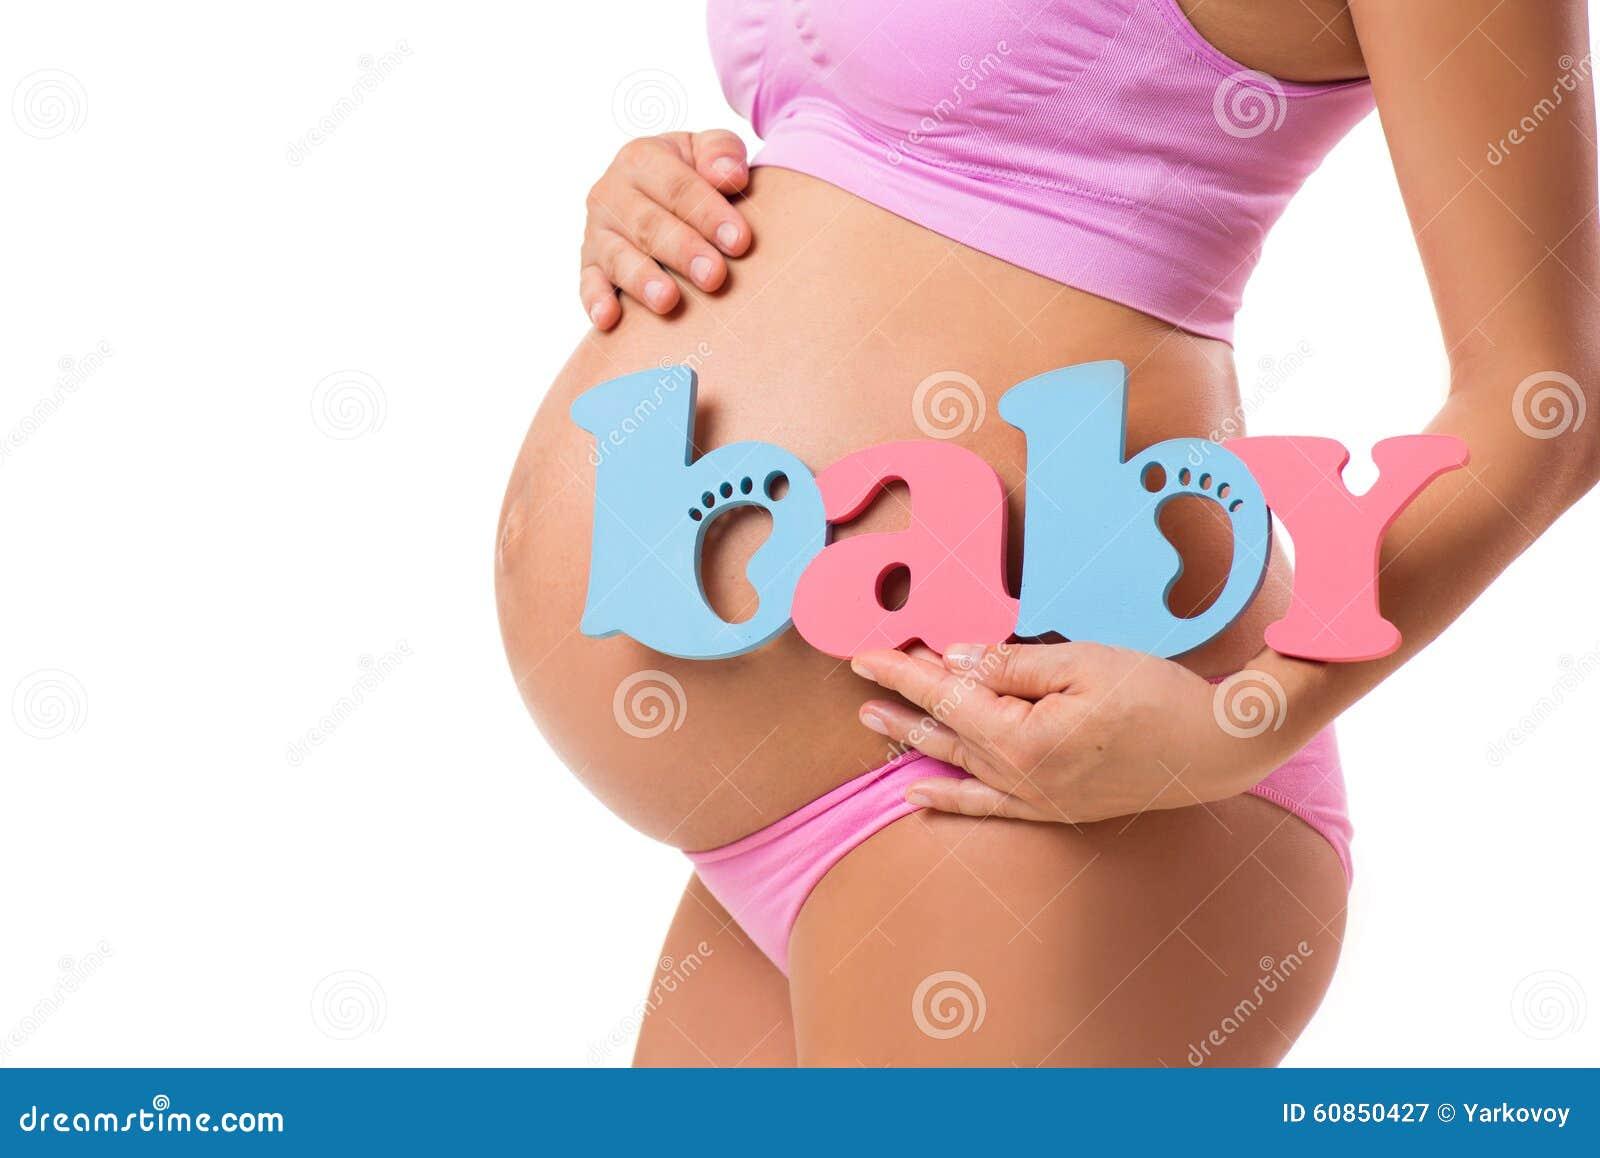 Секс при беременности мальчиком